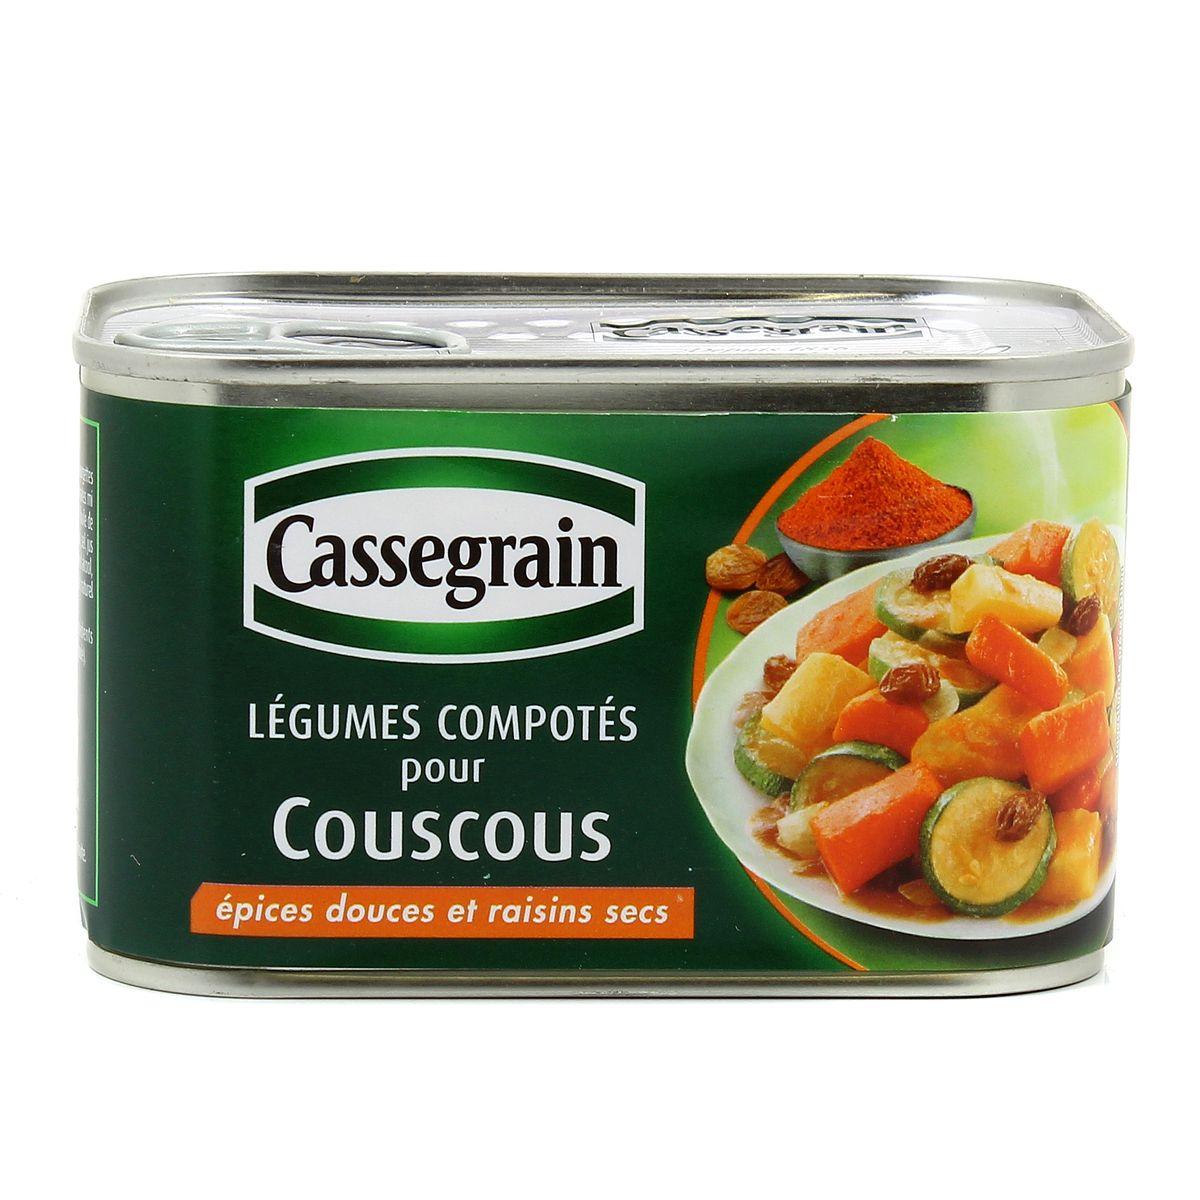 cassegrain legumes compotes pour couscous epices douces et raisins secs